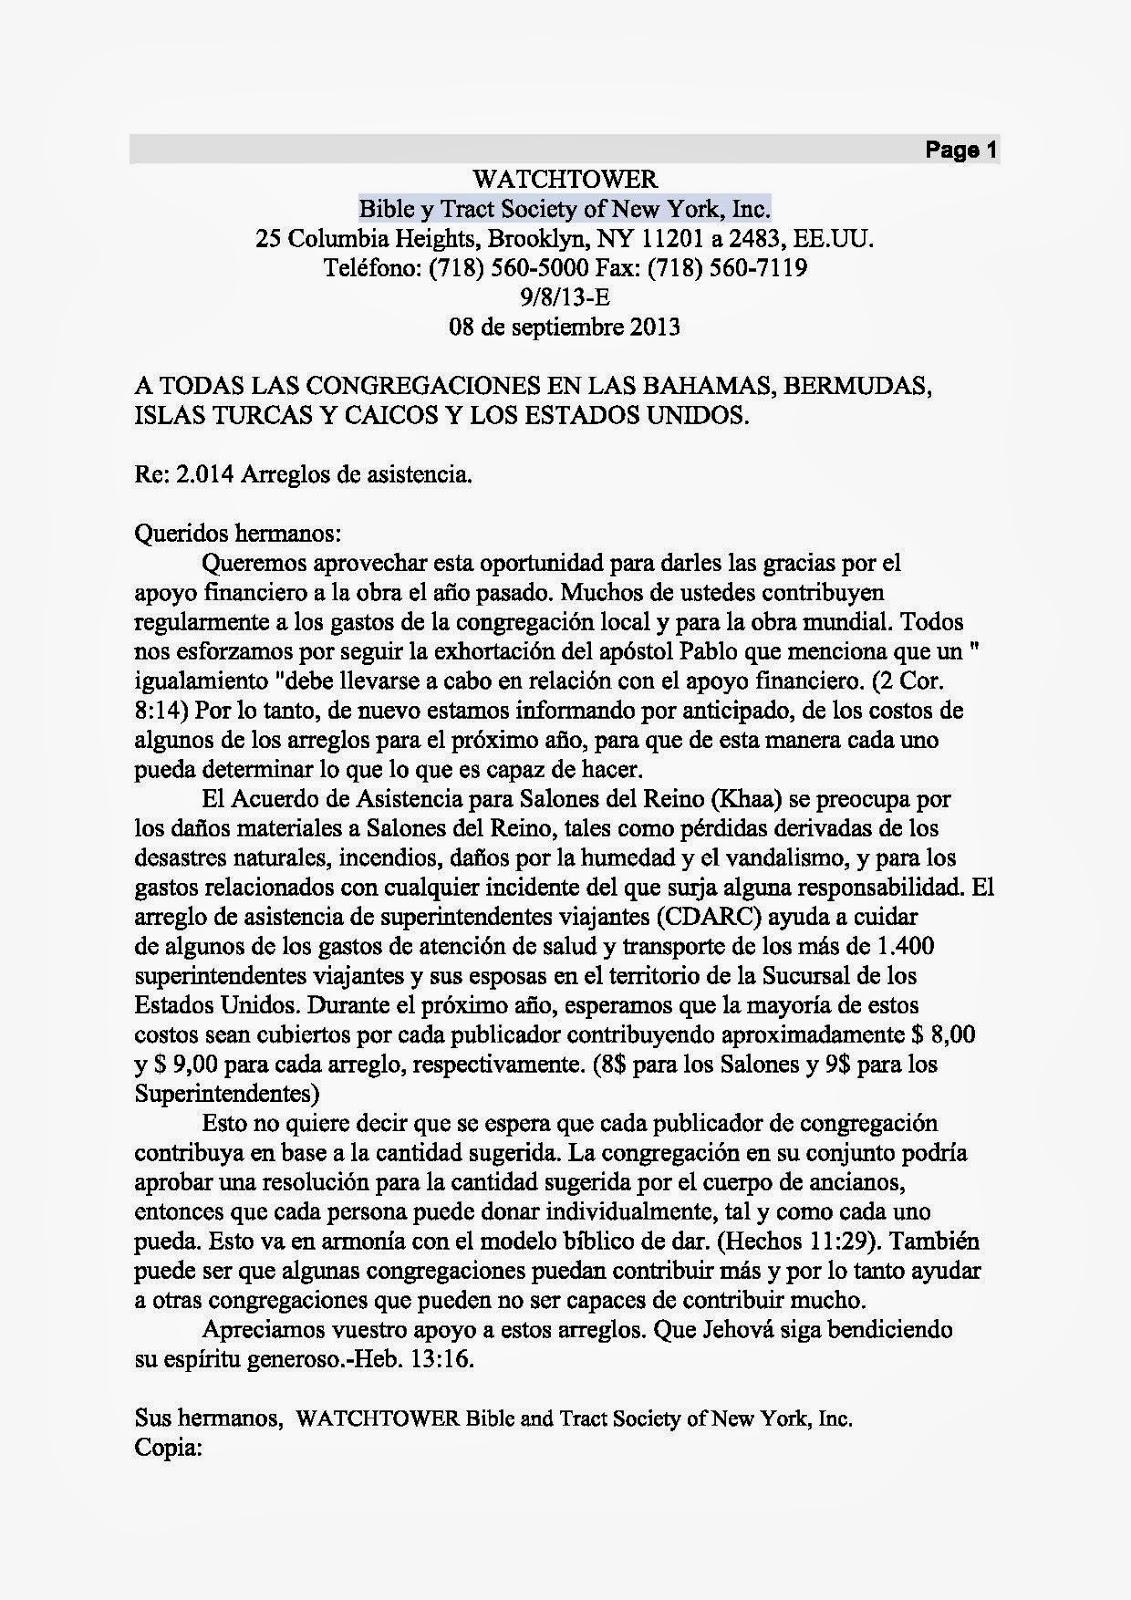 Carta 8 de septiembre de 2013 original en inglés